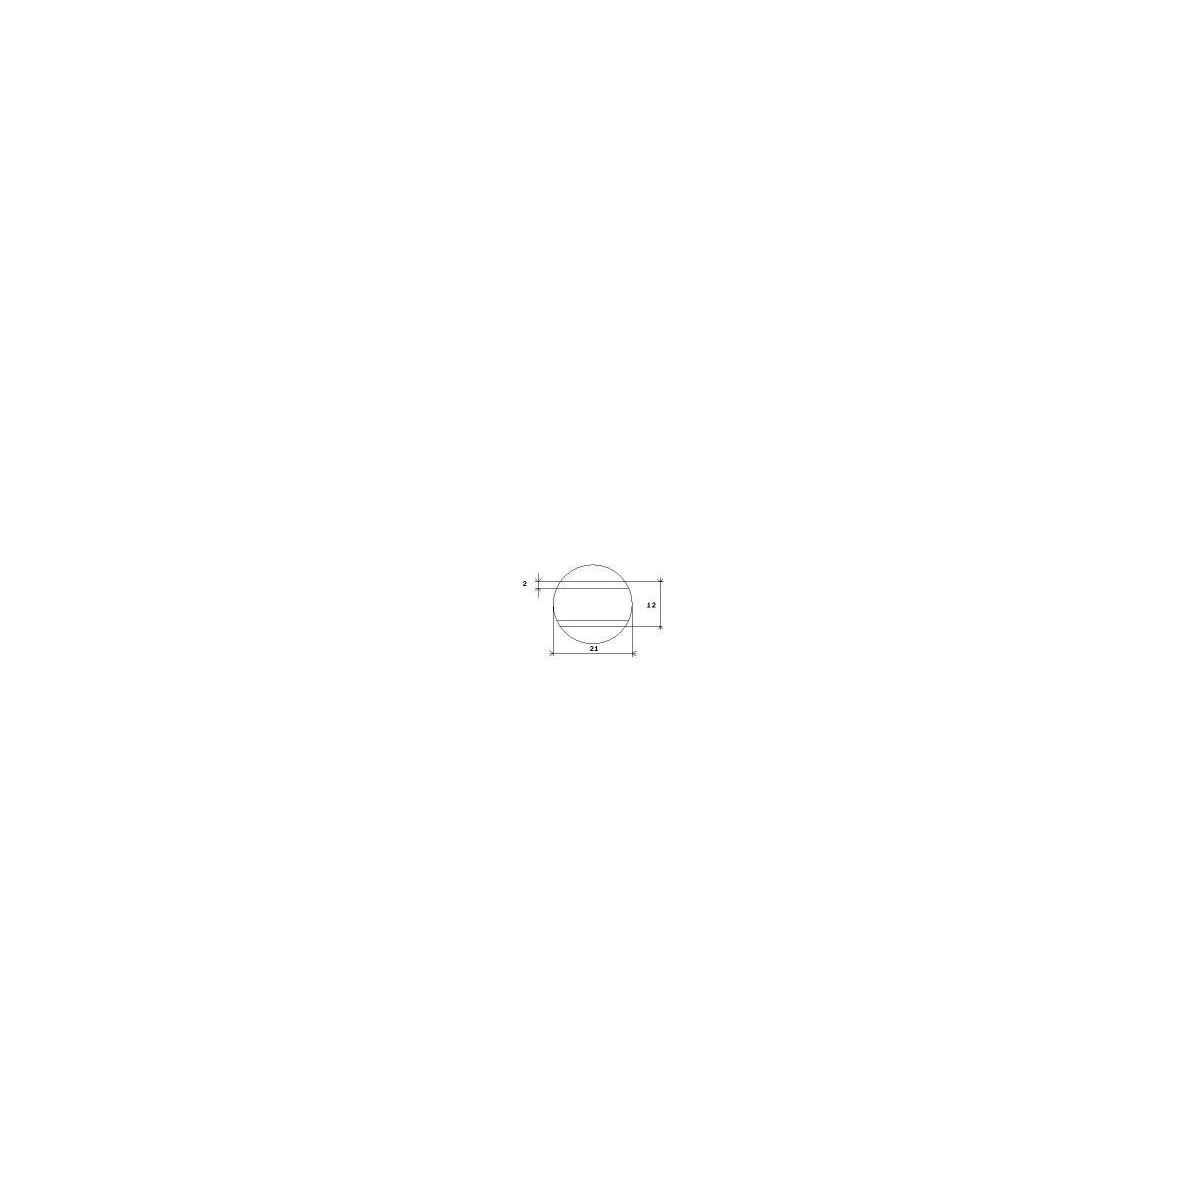 Jetons de 25 mm, 100 unités pour Sunmatic - Paymatic Inepro